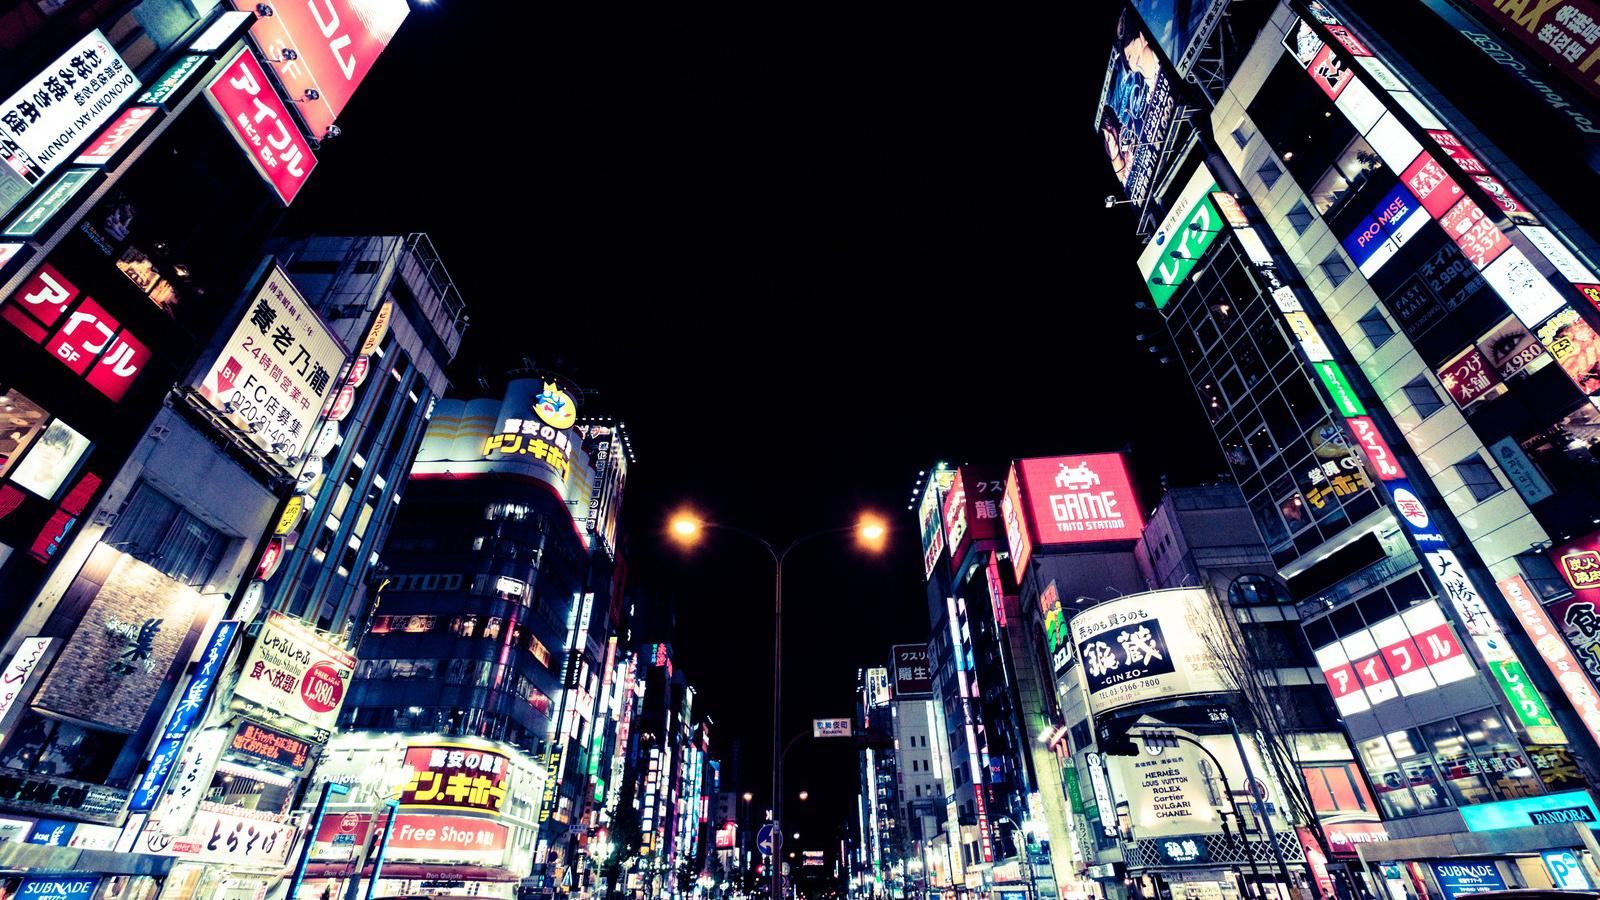 女性3人がホテルで殺害された事件【歌舞伎町ラブホテル連続殺人事件】